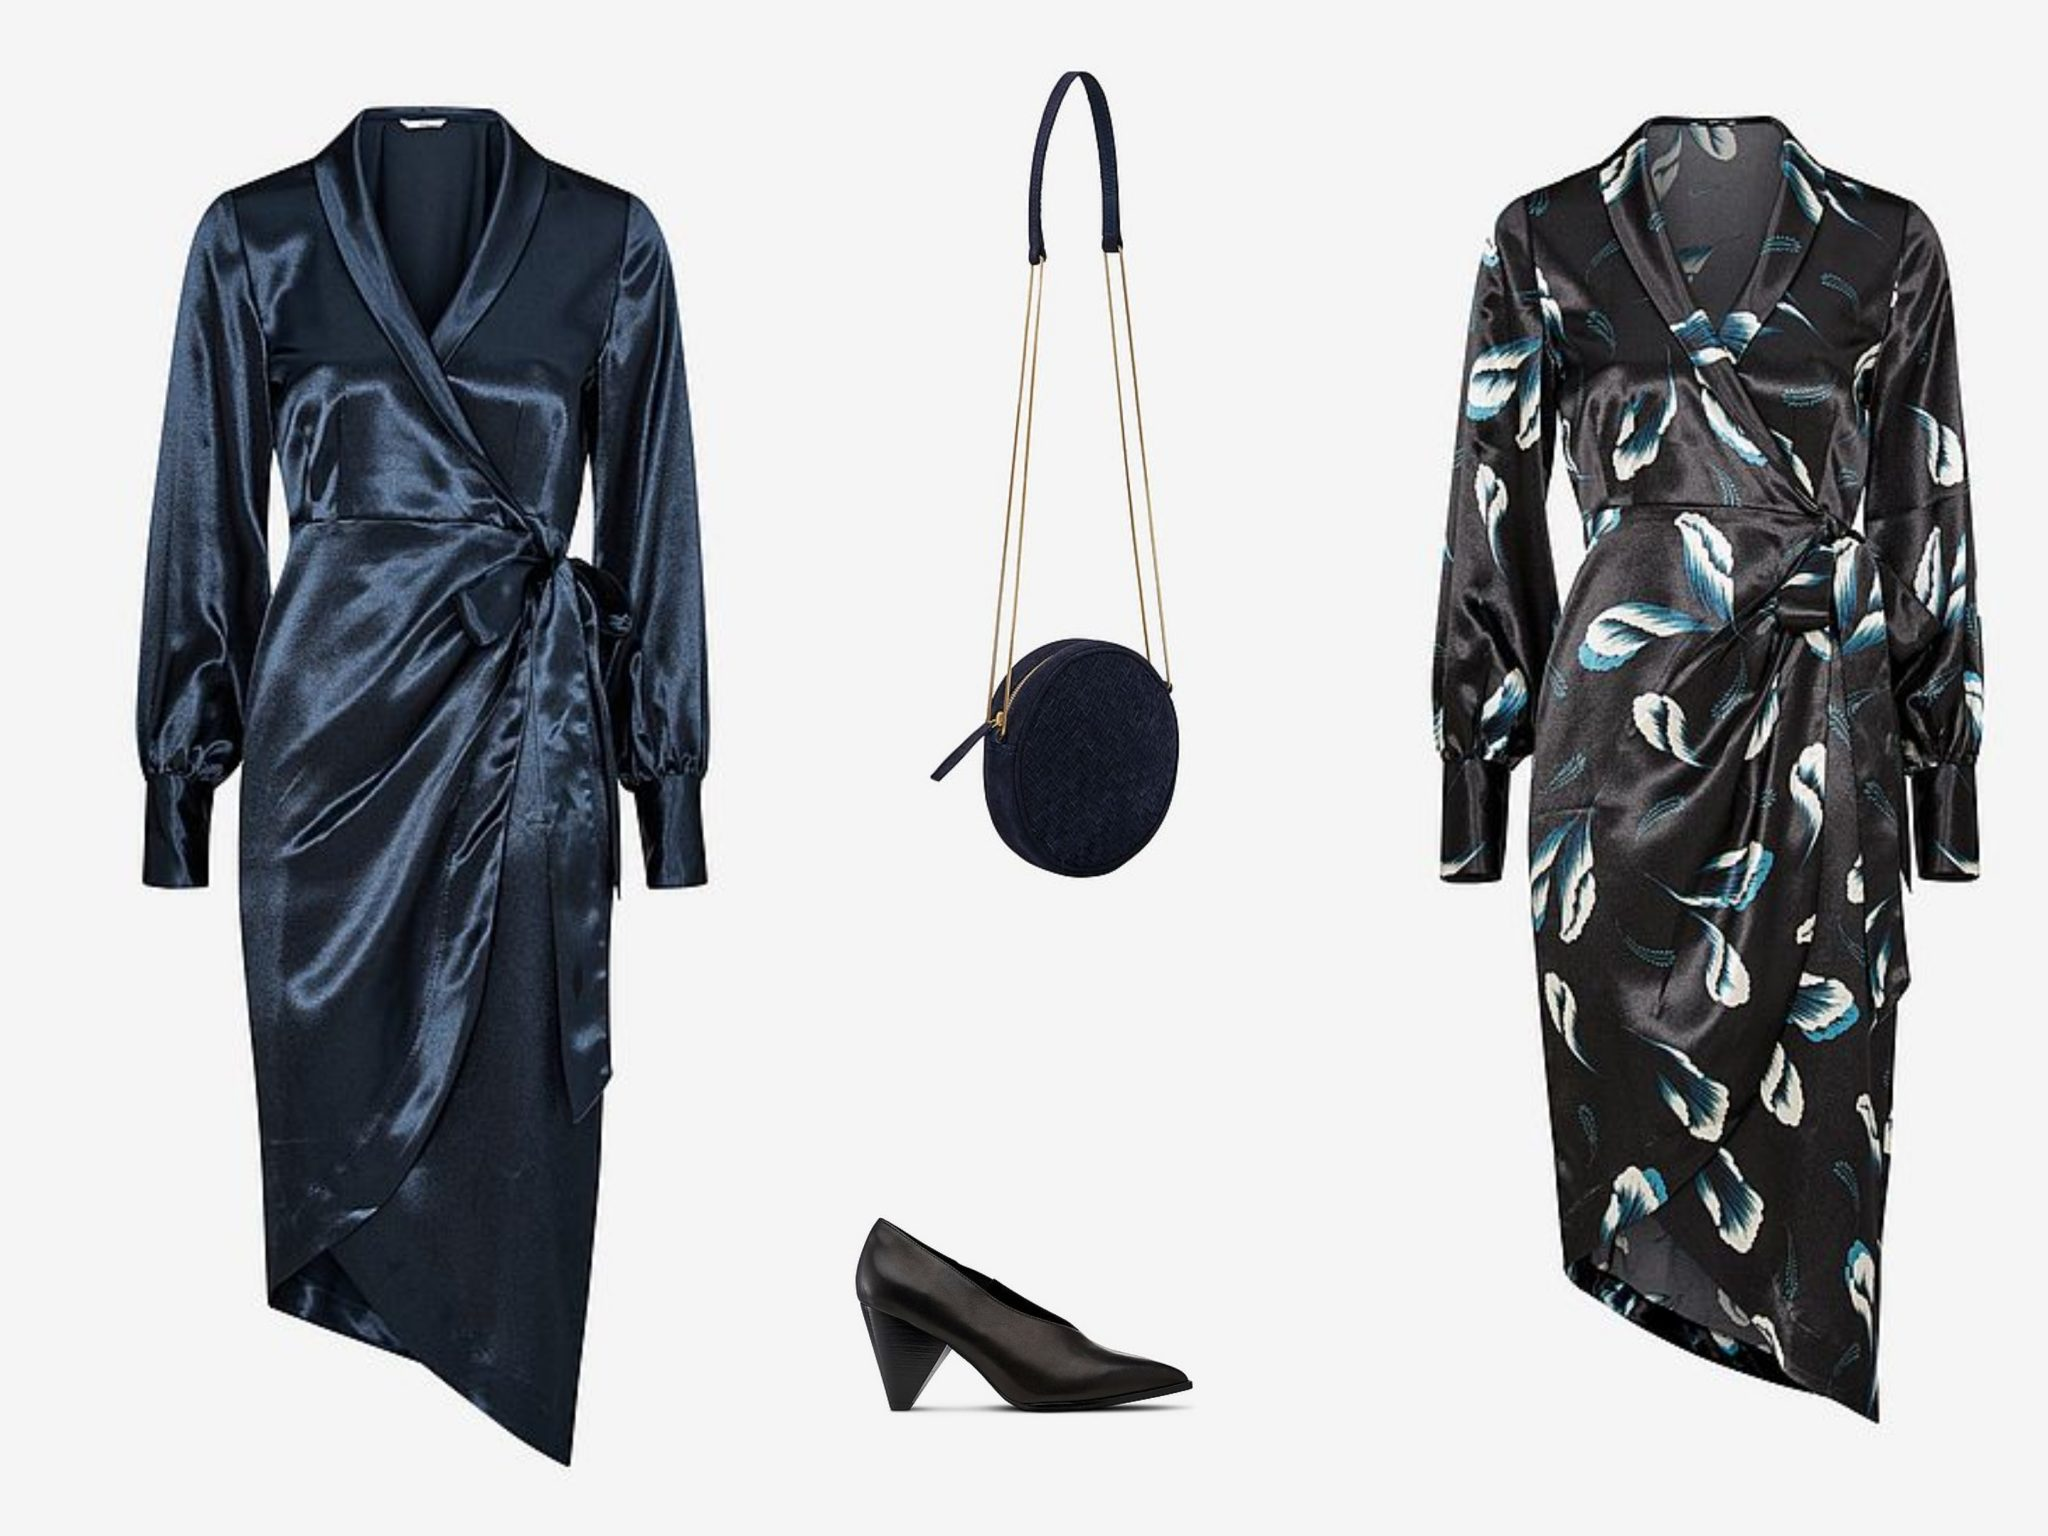 Pohditko, miten pukeutua pikkujouluihin? Muotibloggaajat antavat tyylivinkit naisille ja miehille!